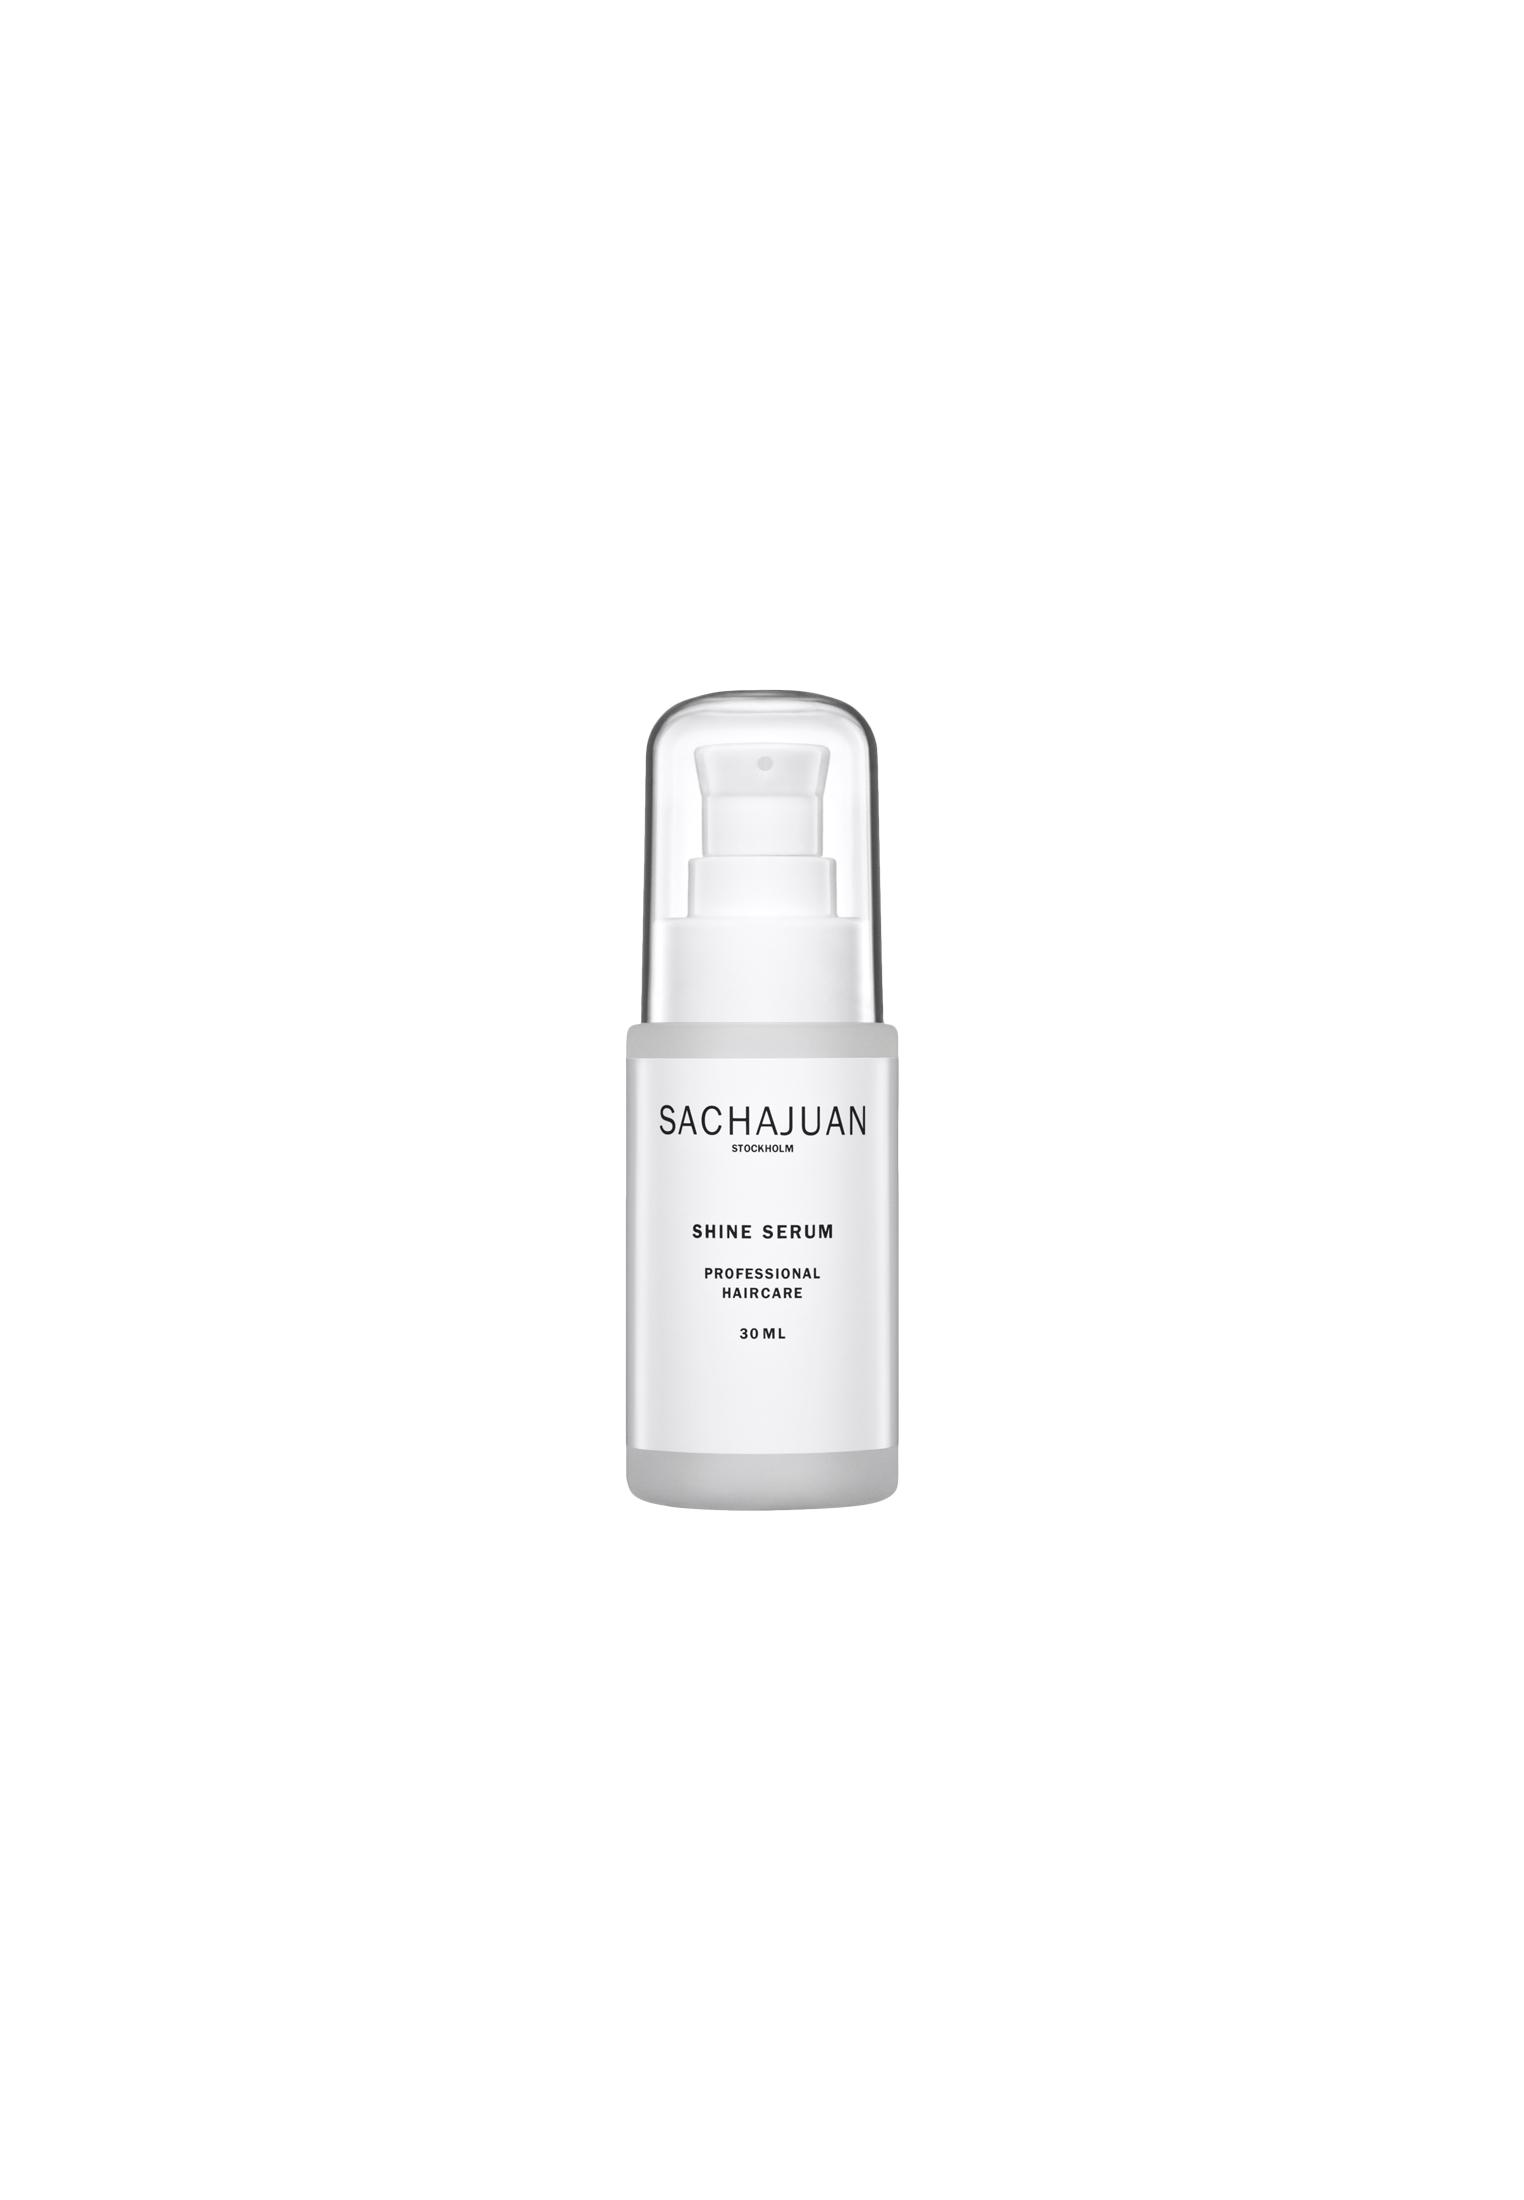 SACHAJUAN - Shine Serum - 30 ml